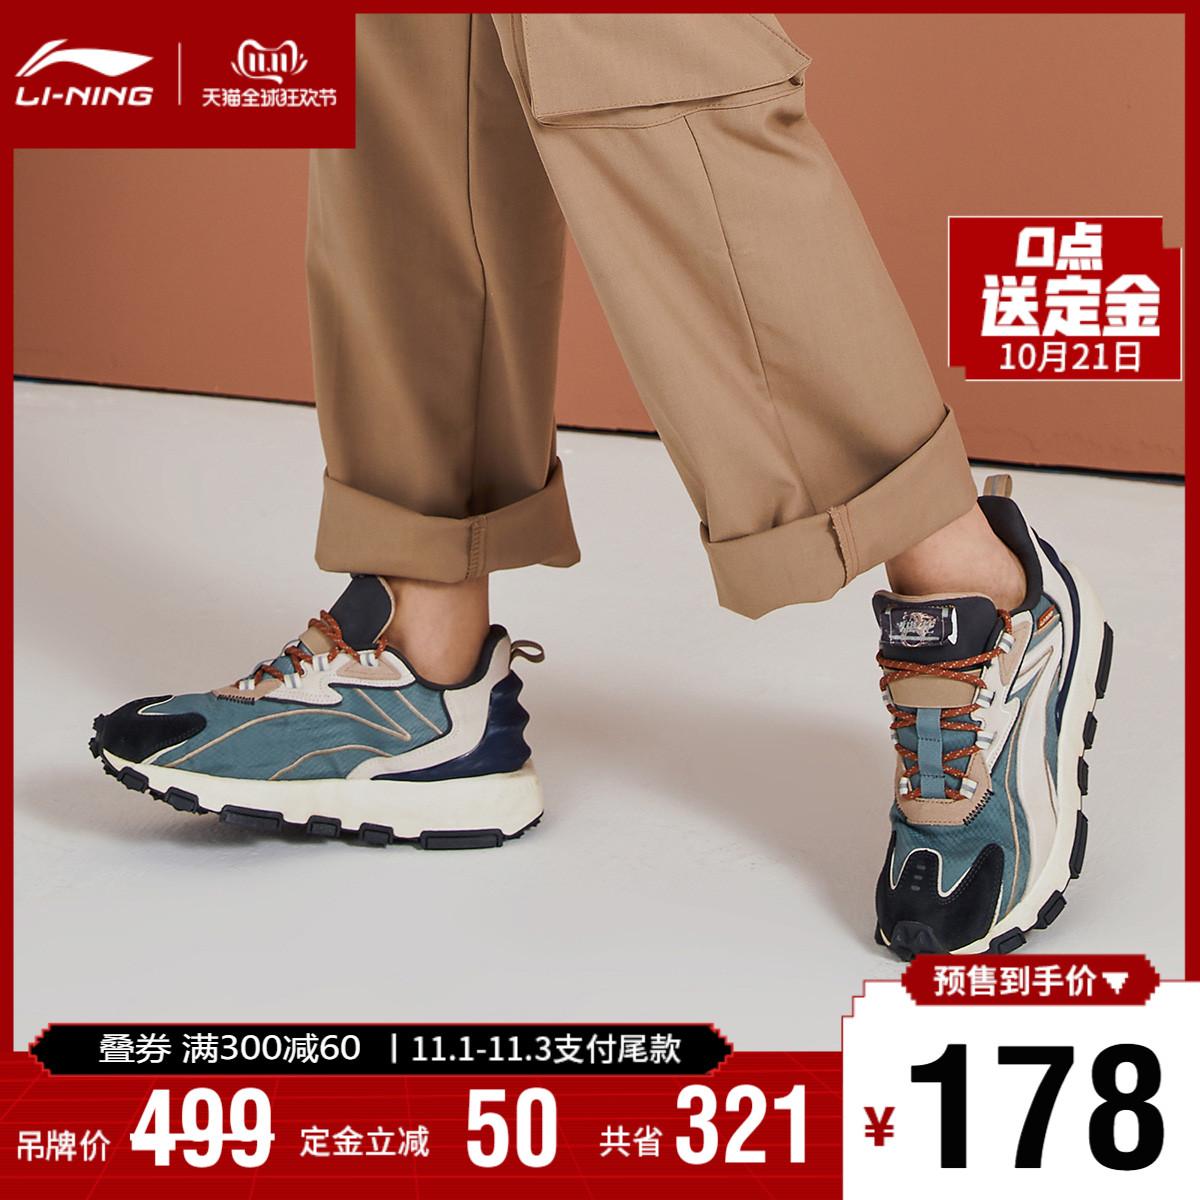 双11预售李宁鞋男鞋官方旗舰正品新款时尚潮流复古男士低帮运动鞋